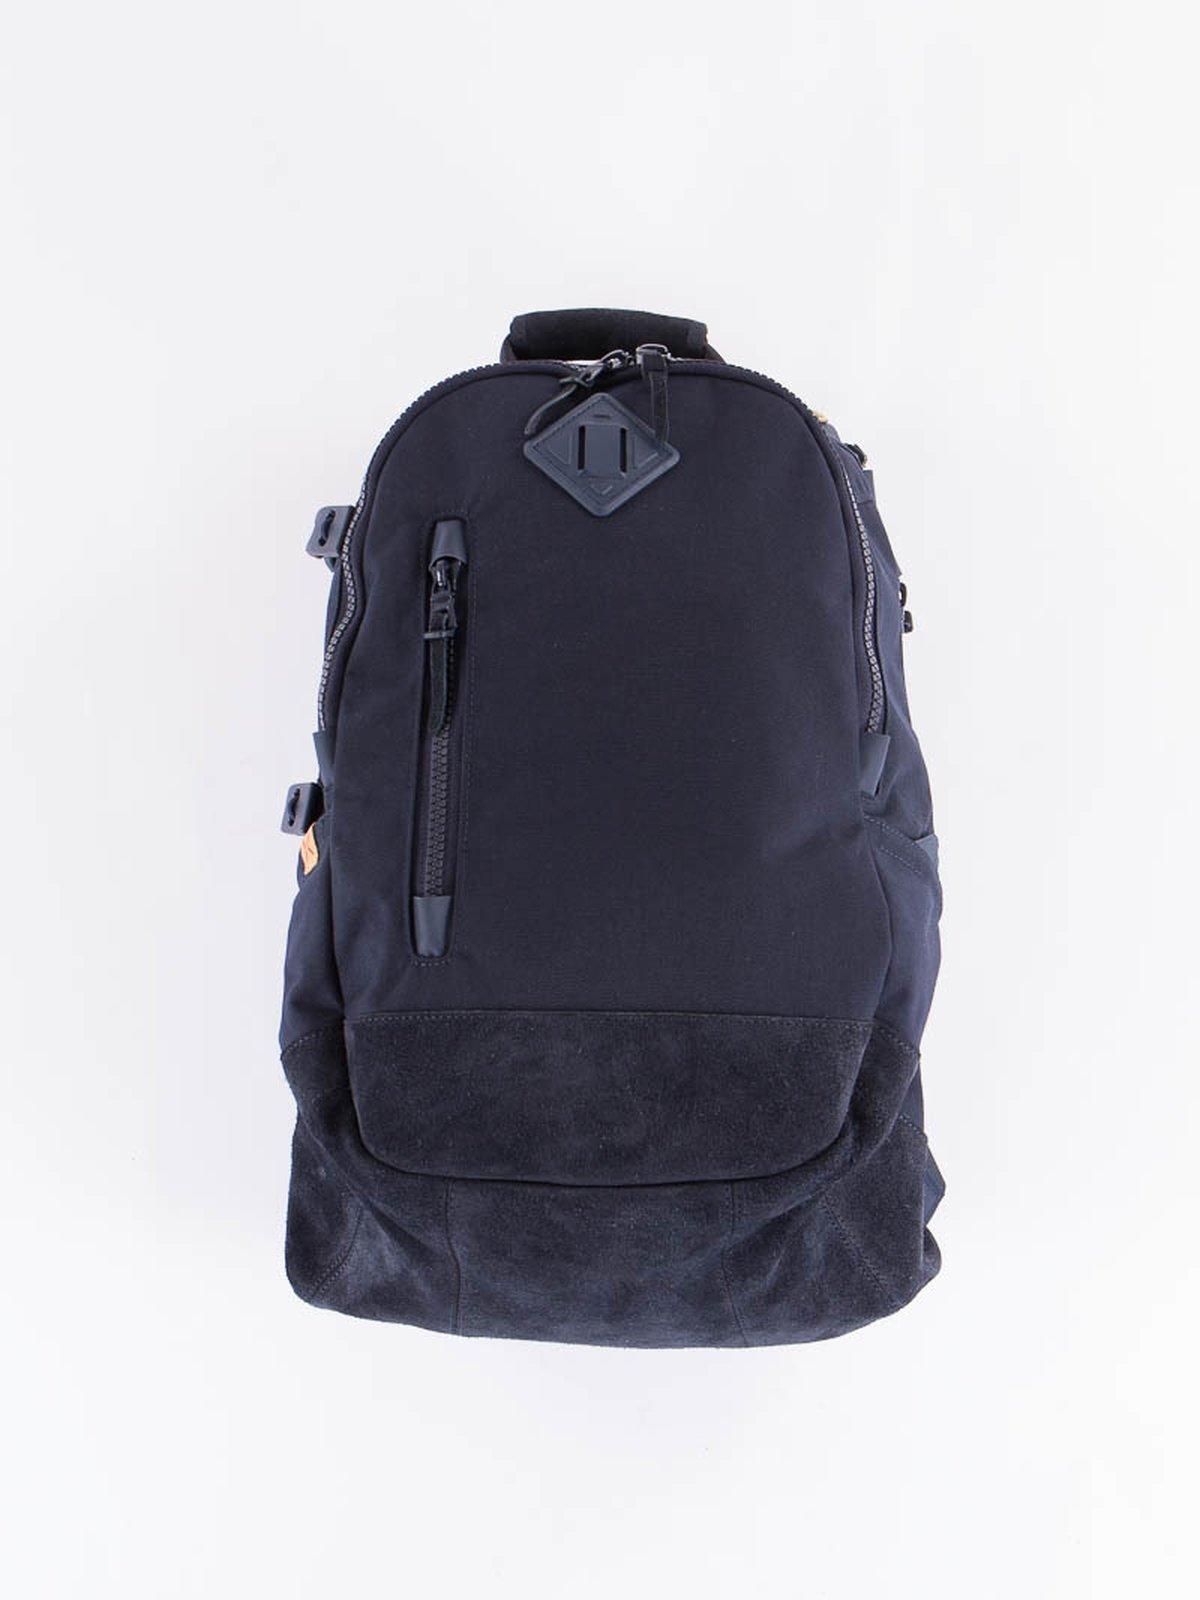 Navy 20L Ballistic Backpack - Image 1